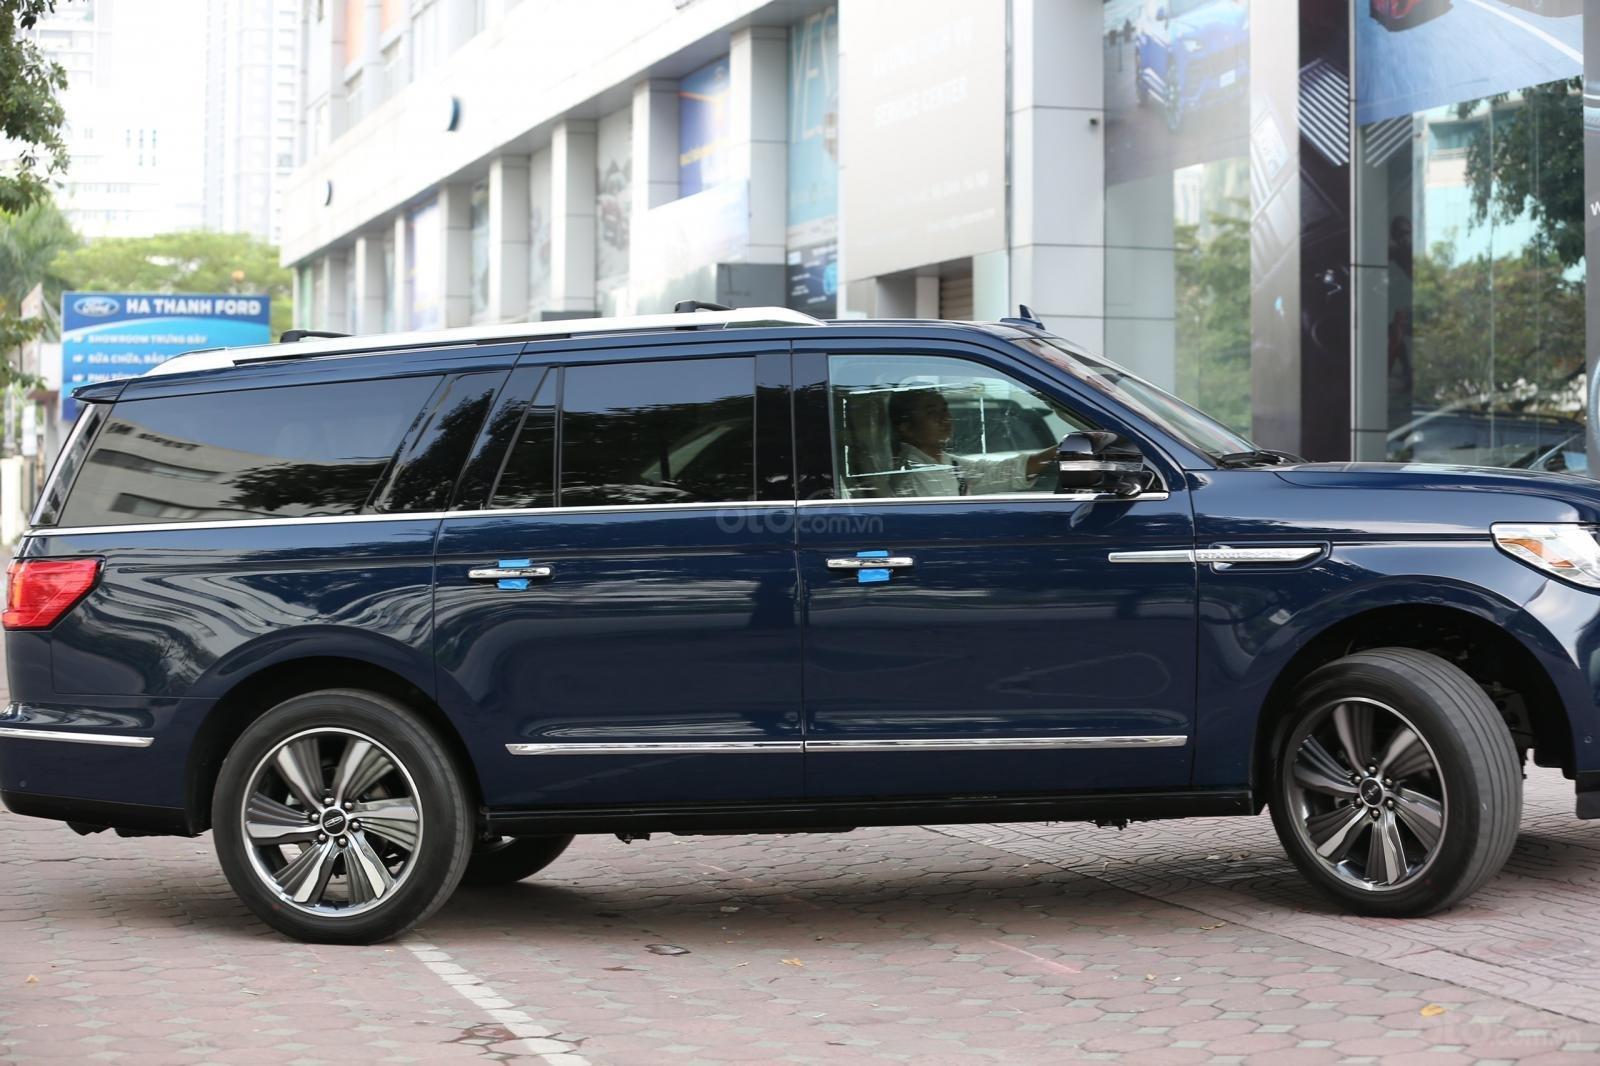 Cần bán Lincoln Navigator L năm sản xuất 2019, màu xanh lam, xe nhập Mỹ mới 100% (21)